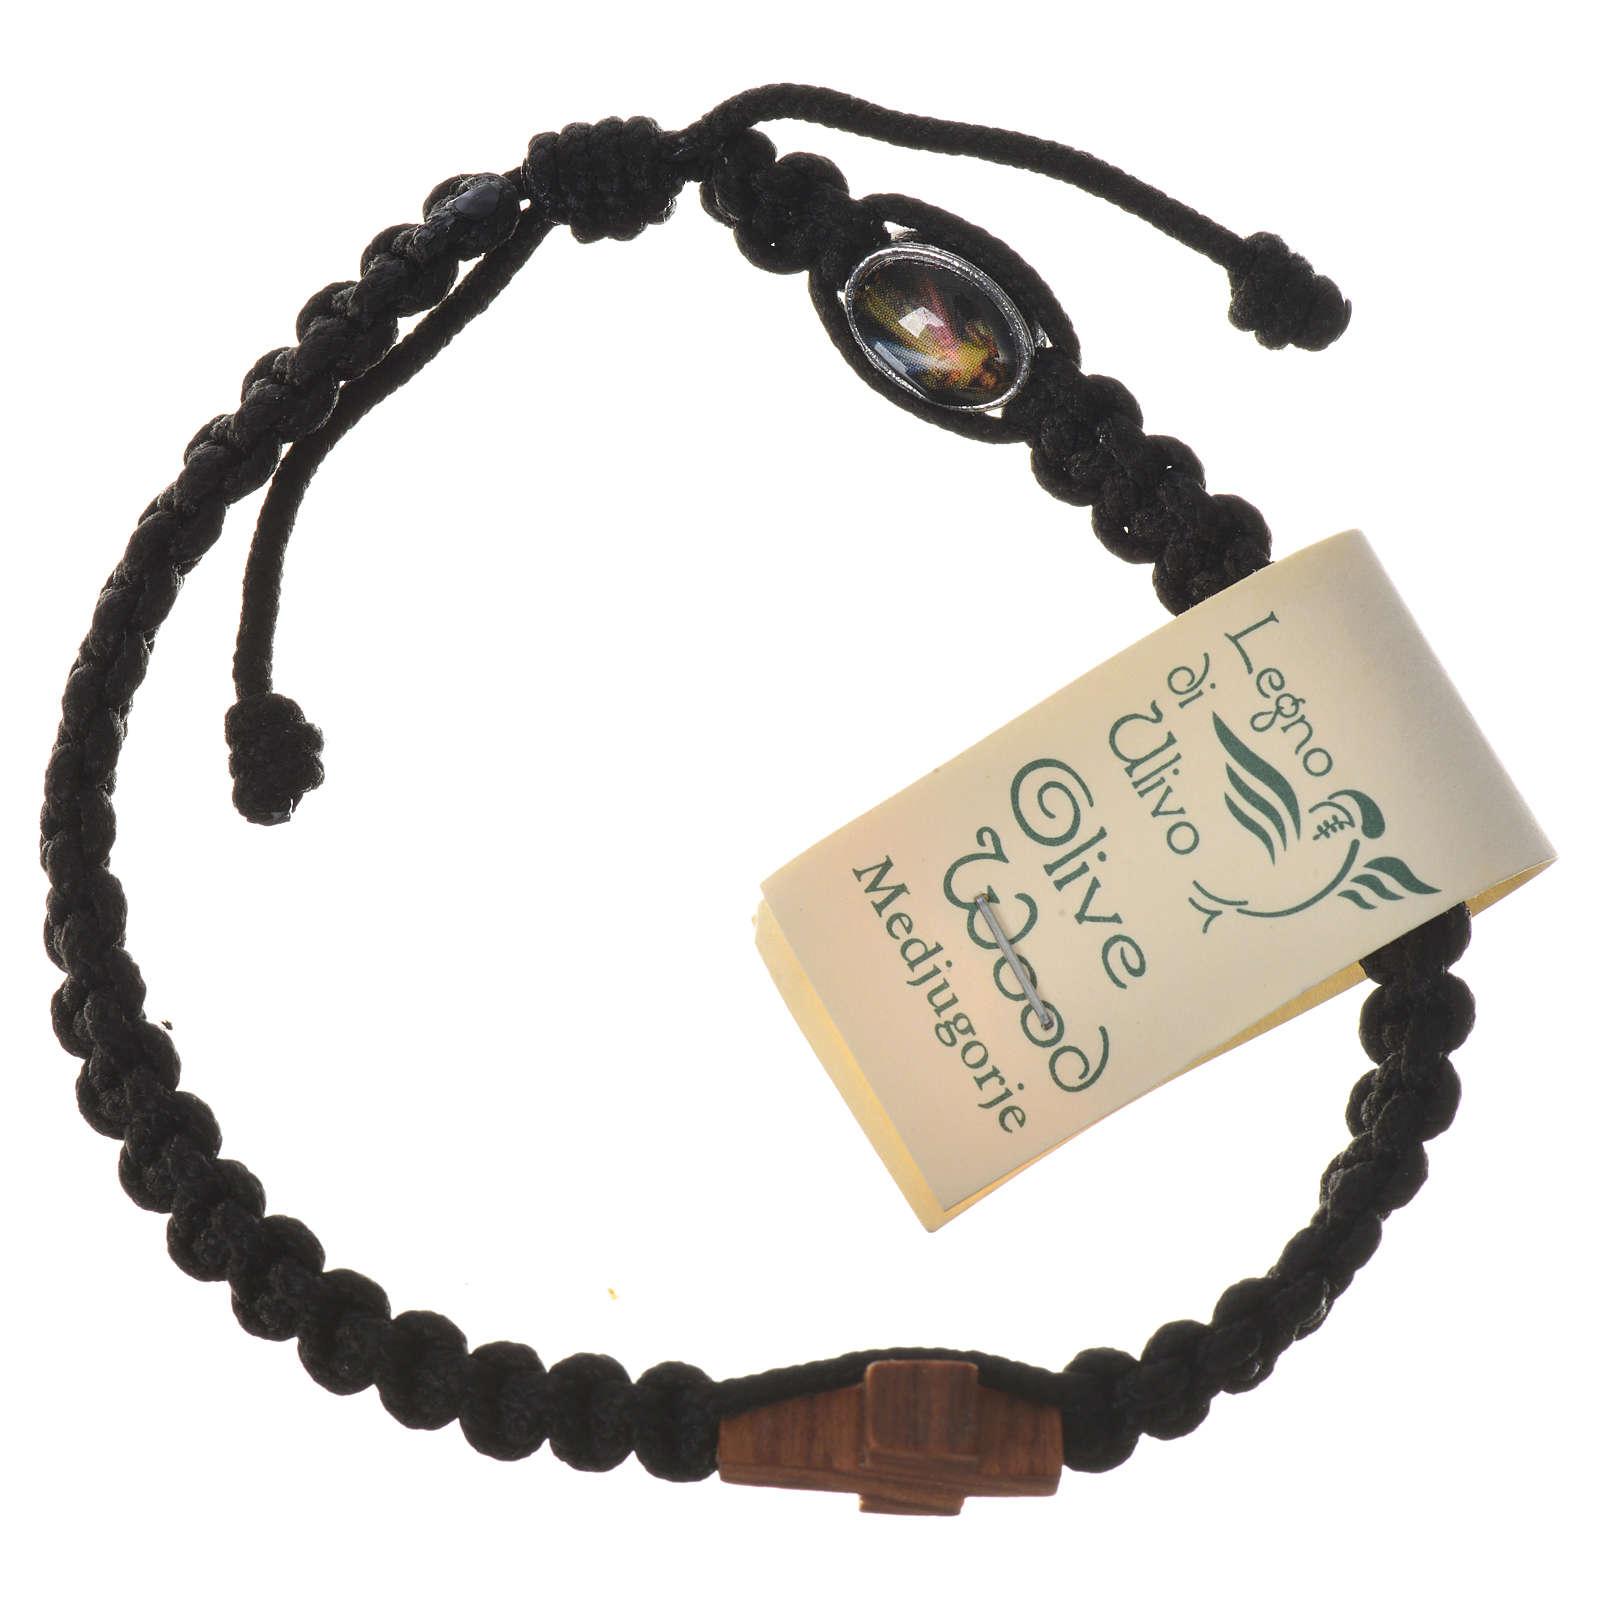 Medjugorje bracelet, cord, olive wood cross 4